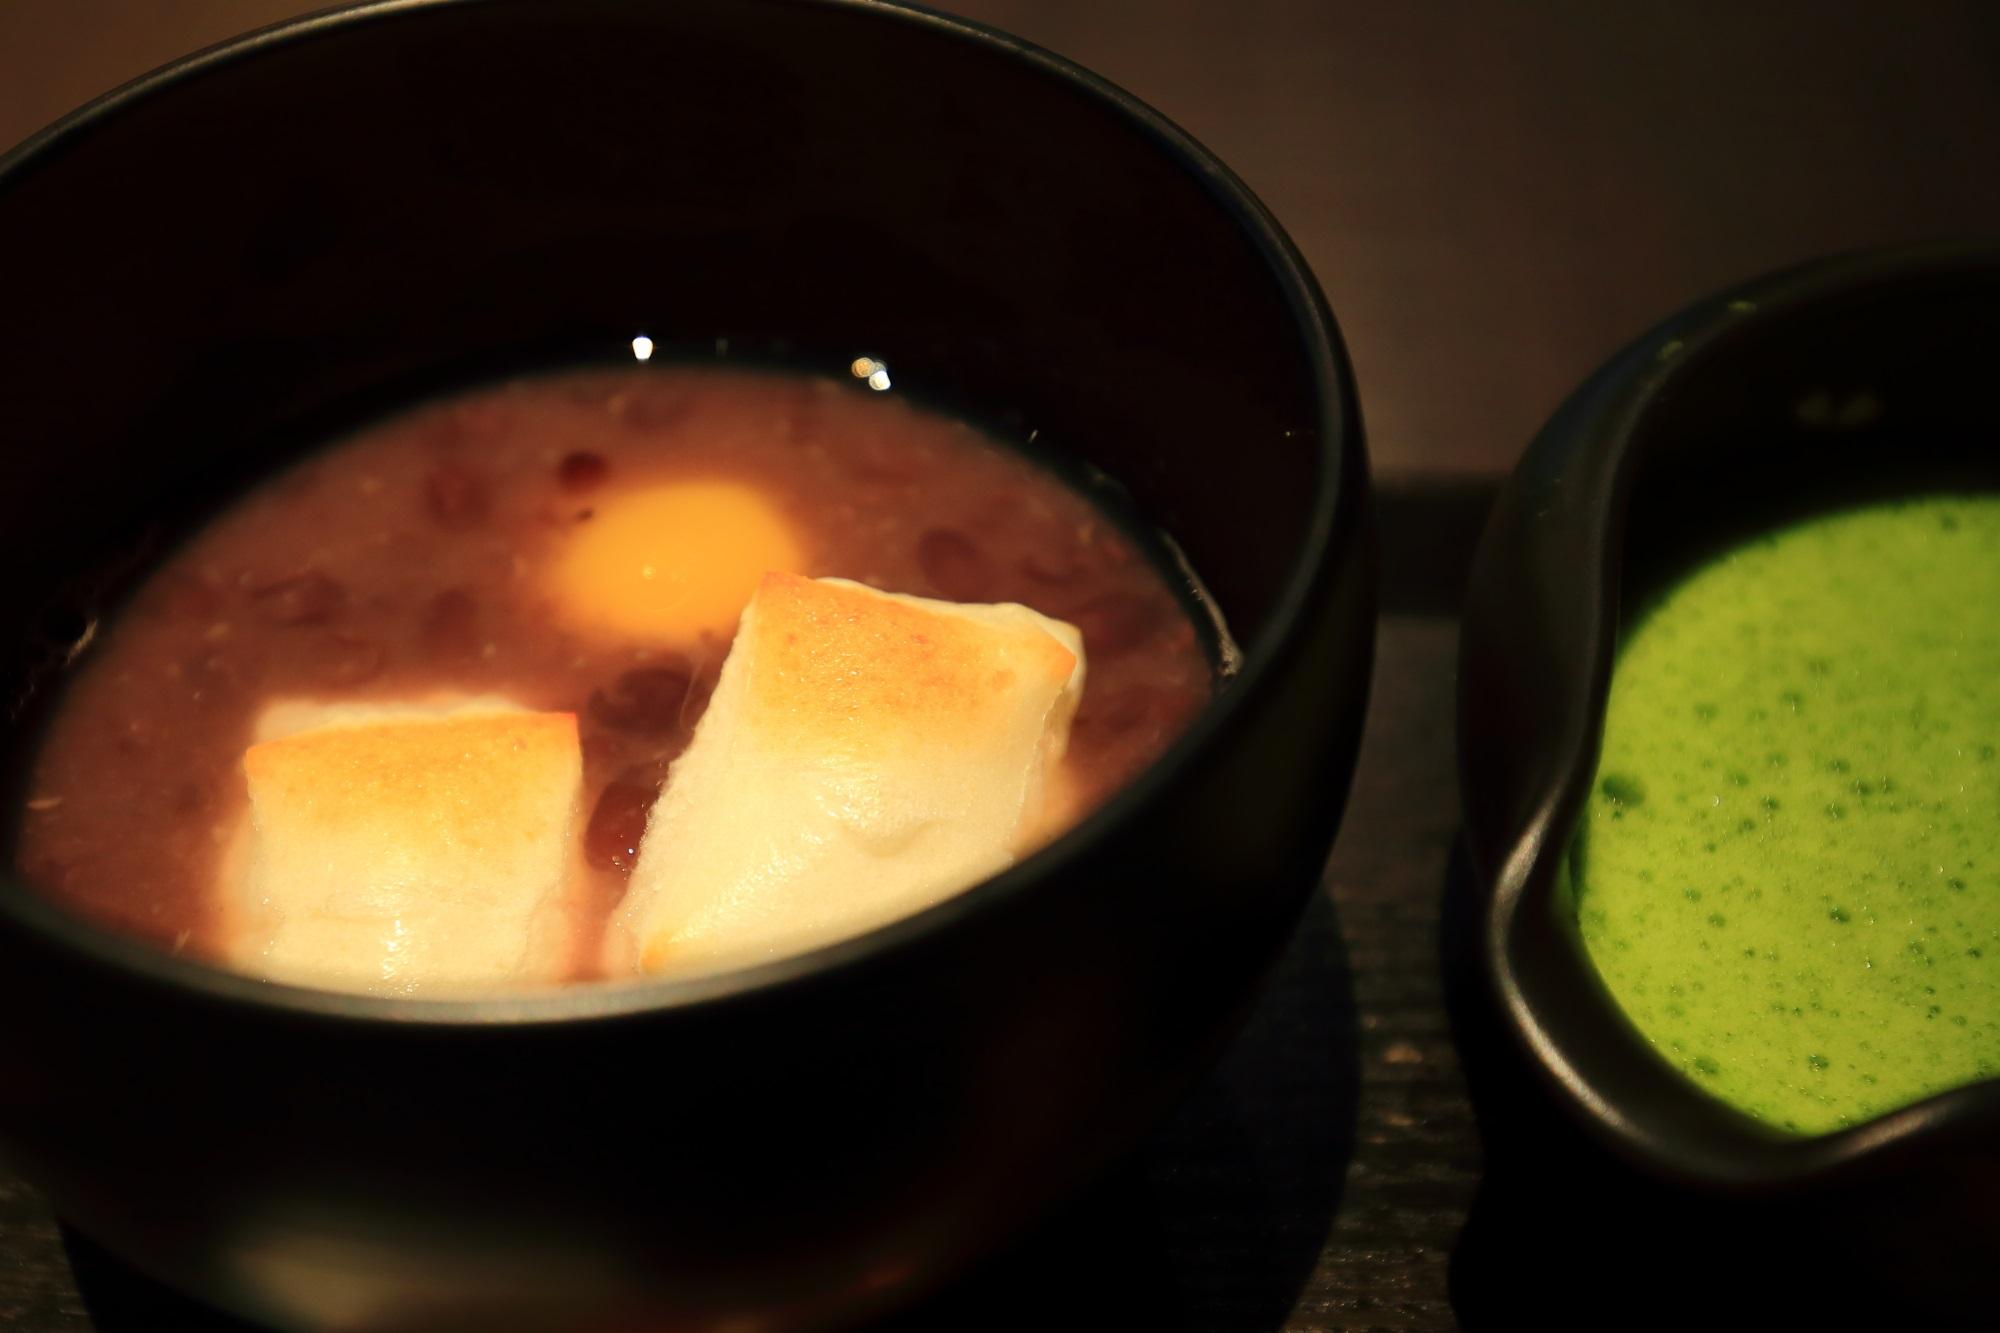 甘味処の茶寮翠泉(さりょうすいせん)の栗抹茶ぜんざい(税込880円)